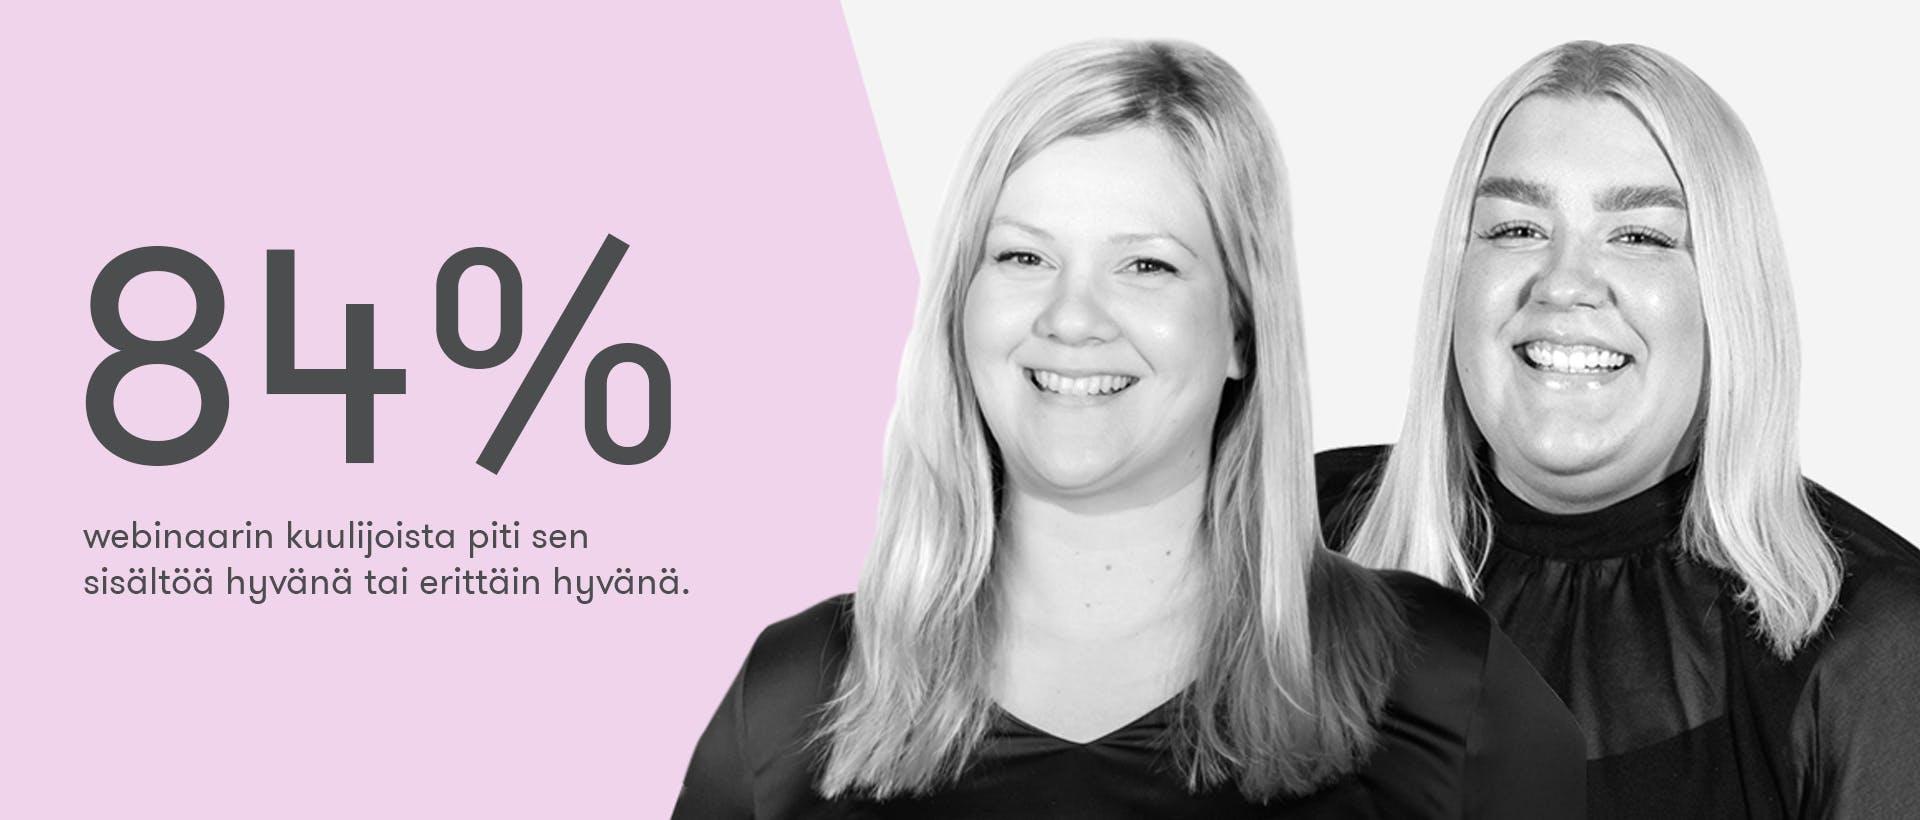 84% TikTok-webinaarin kuulijoista piti sen sisältöä hyvänä tai erittäin hyvänä